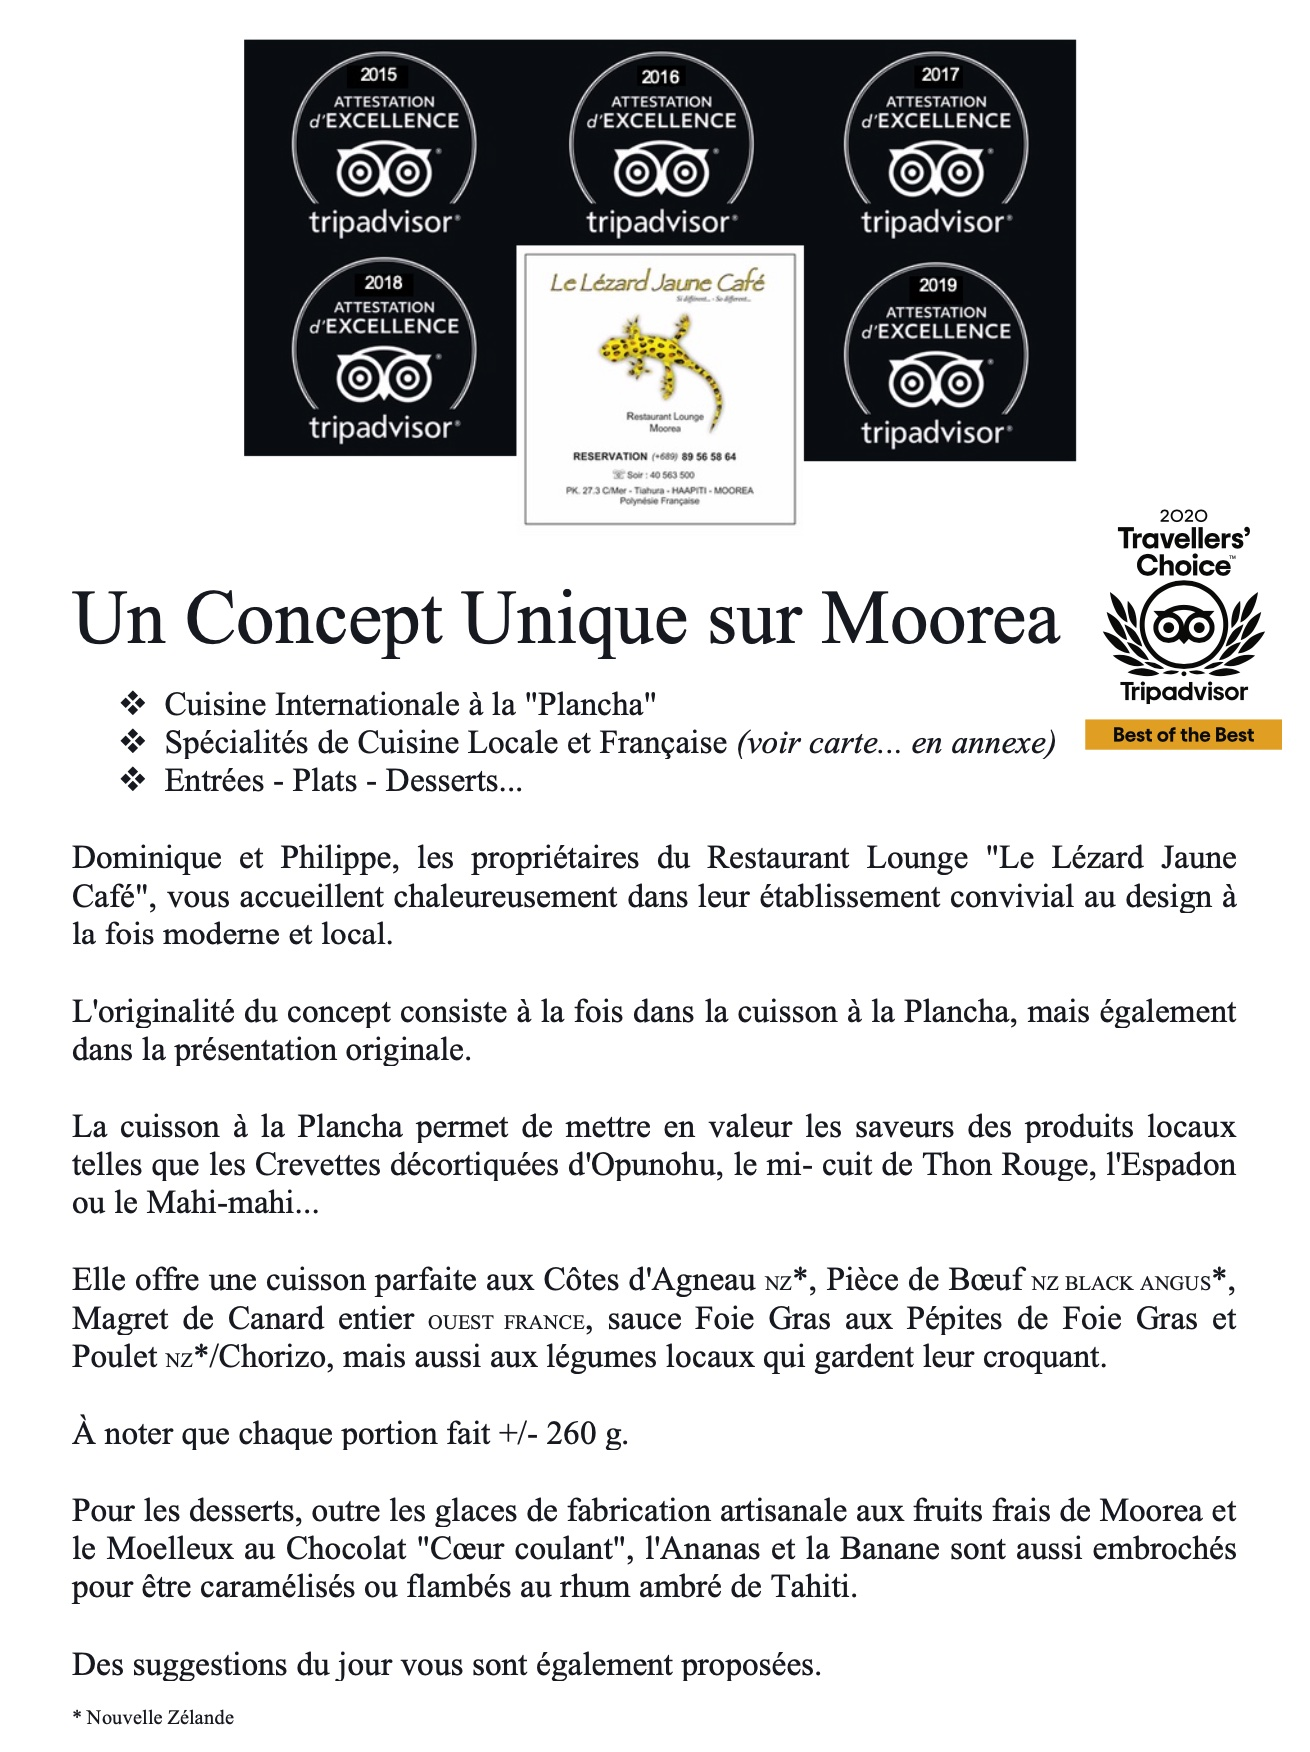 https://tahititourisme.ch/wp-content/uploads/2017/08/1ère-de-page-FACEBOOK-2020.jpg